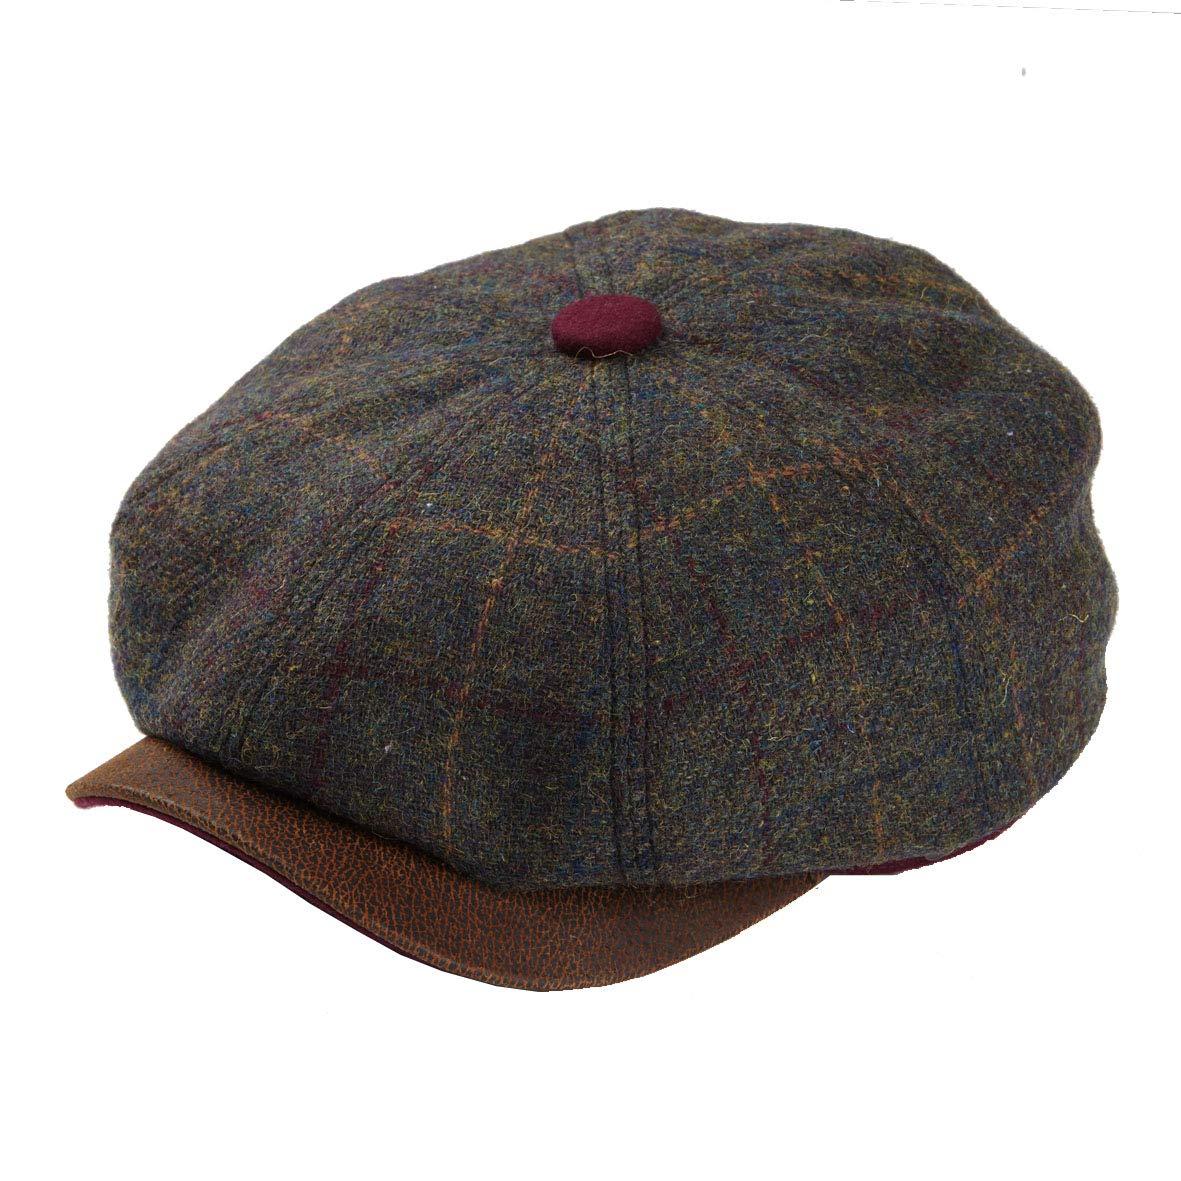 Dasmarca Mens Newspaper Boy Bakerboy Tweed Wool Cap